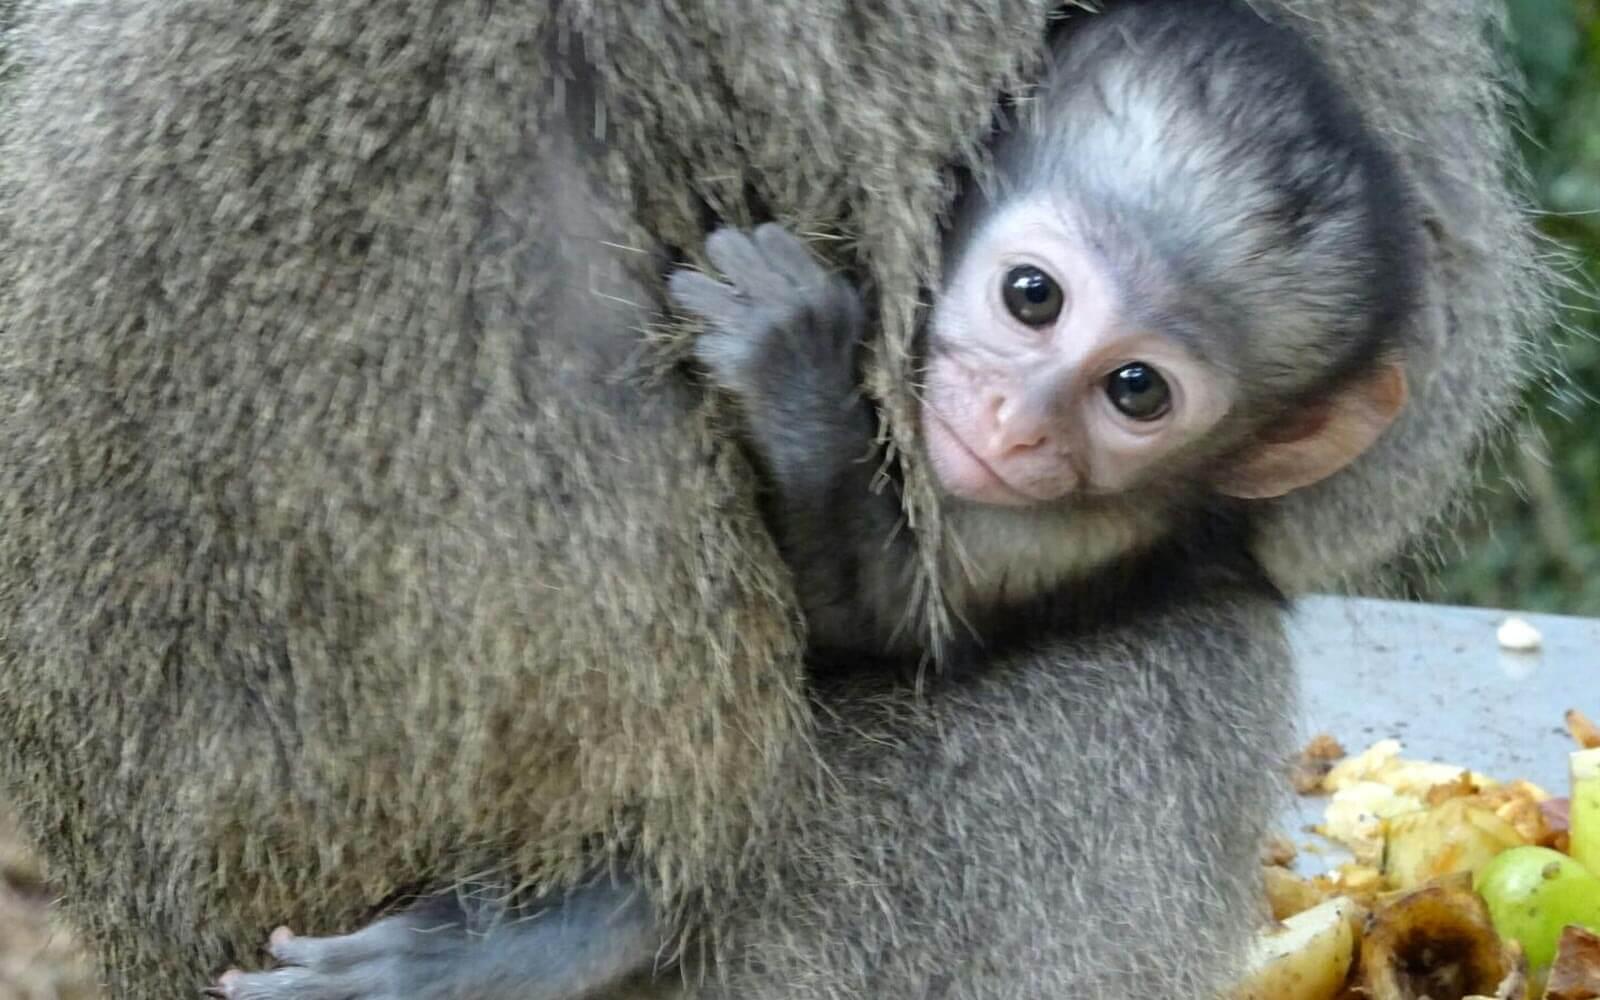 Baby Affe umklammert seine Mutter